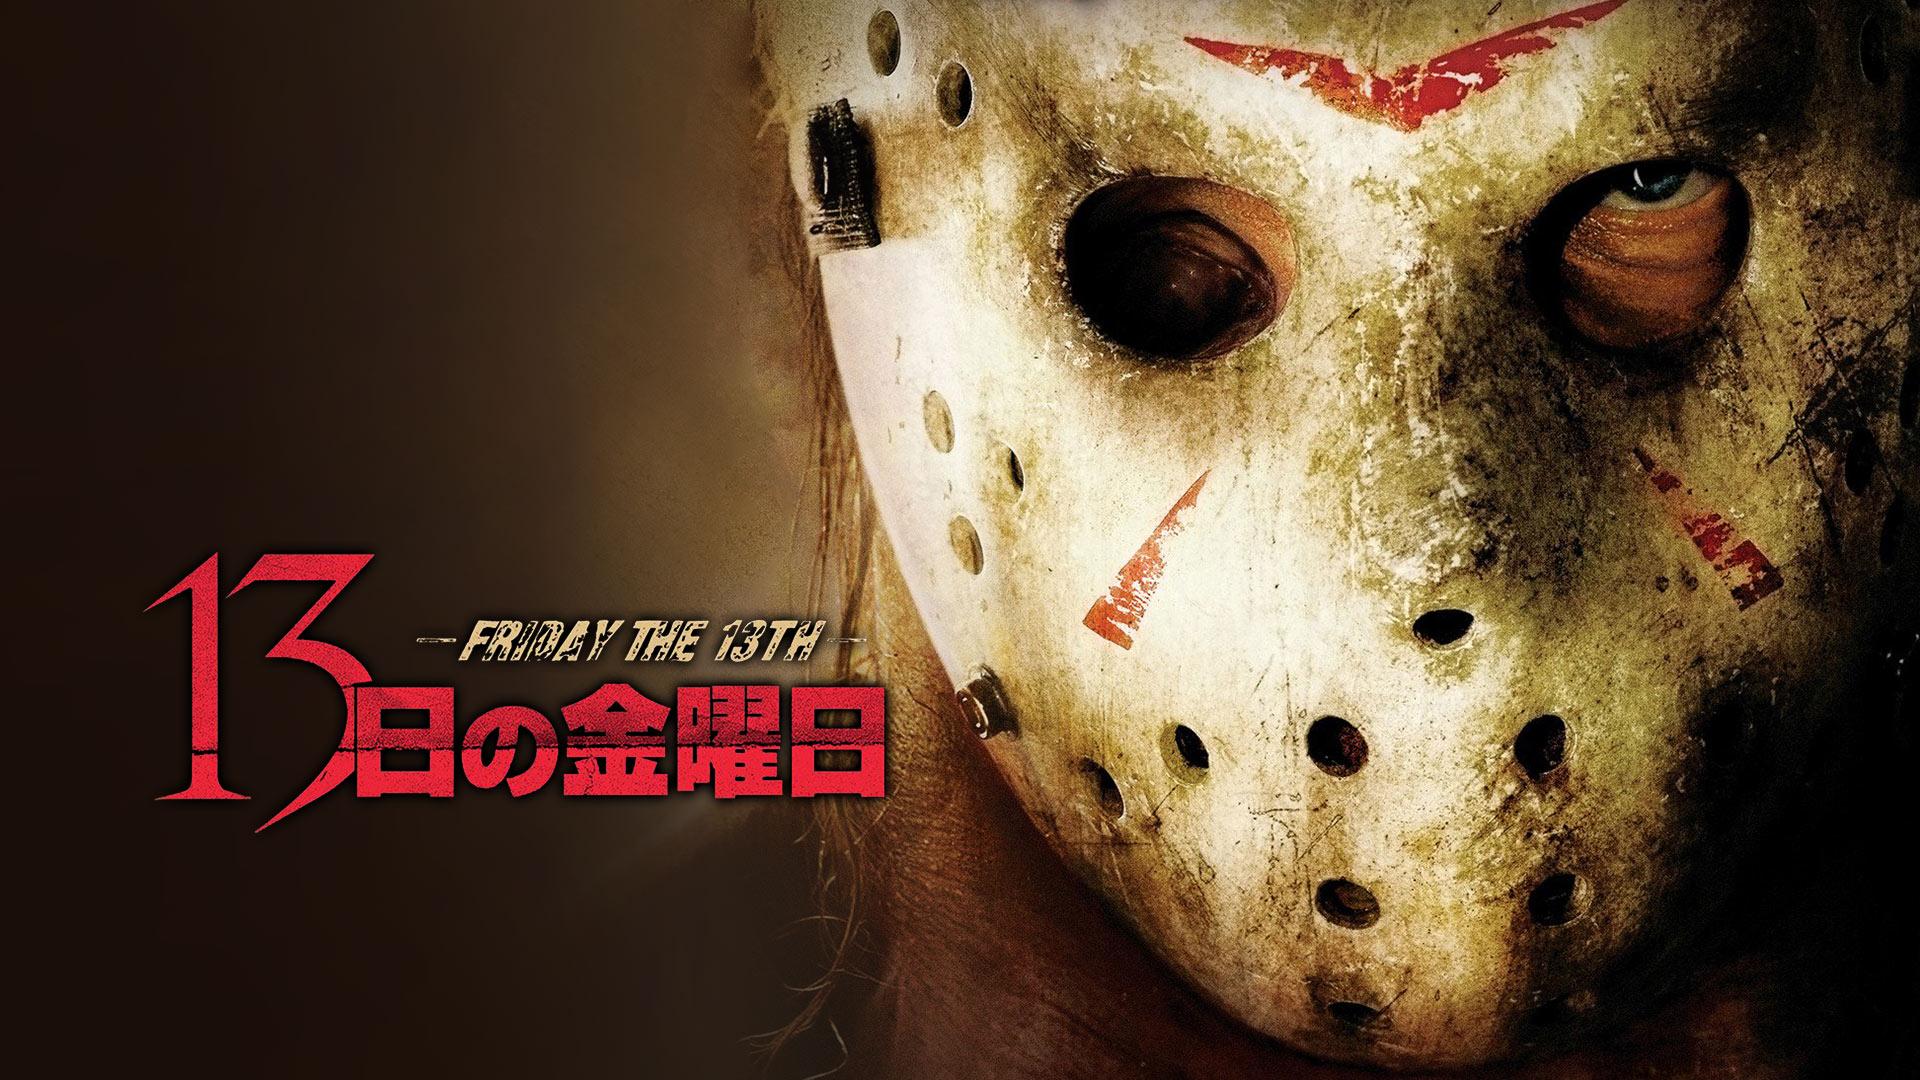 13日の金曜日(2009) (字幕版)